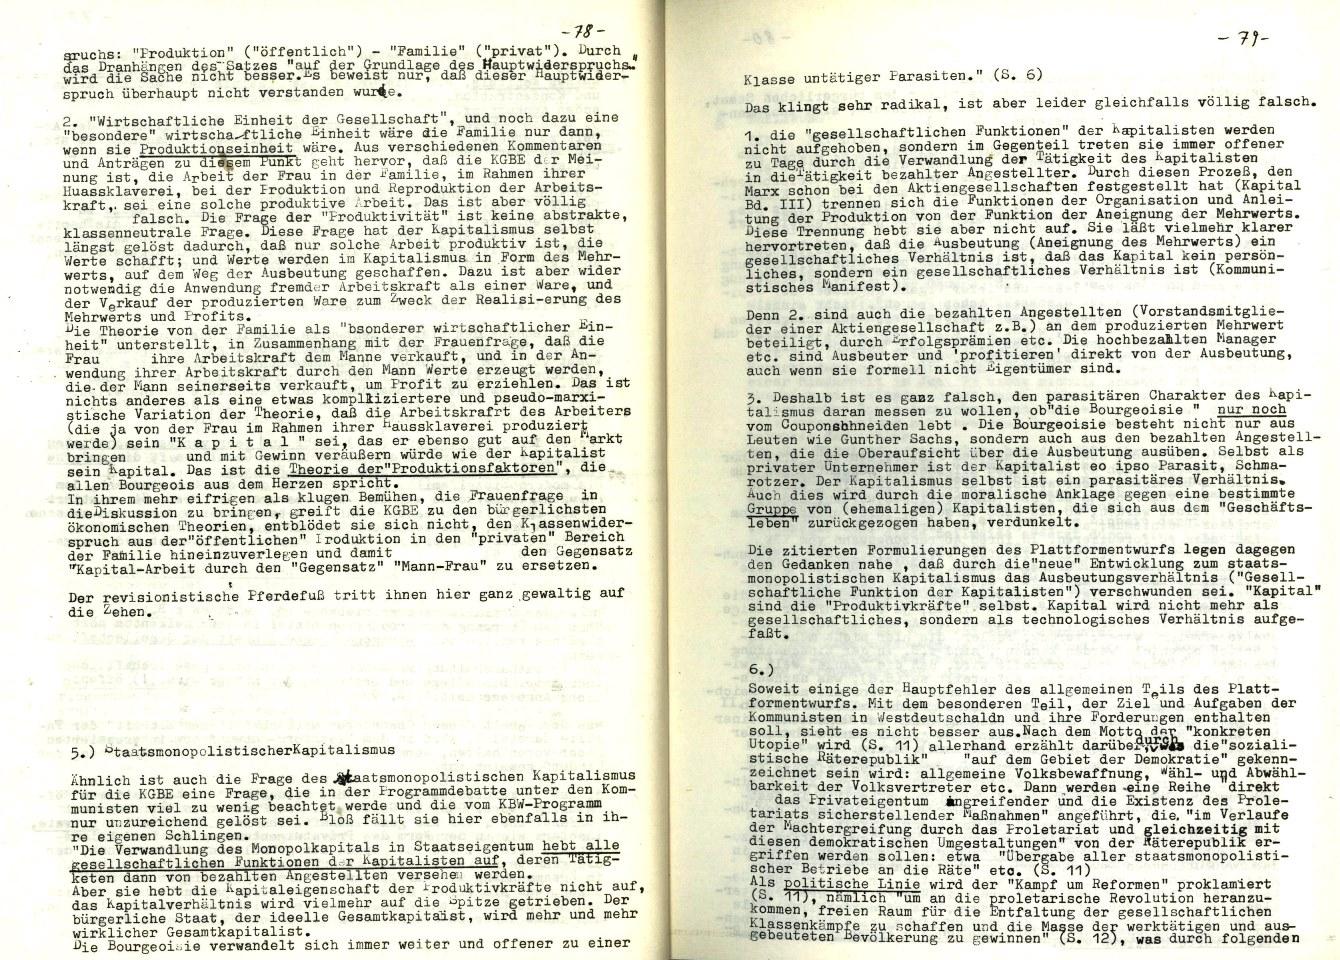 KGBE_Ehemalige_1977_Kritik_an_der_KGBE_43